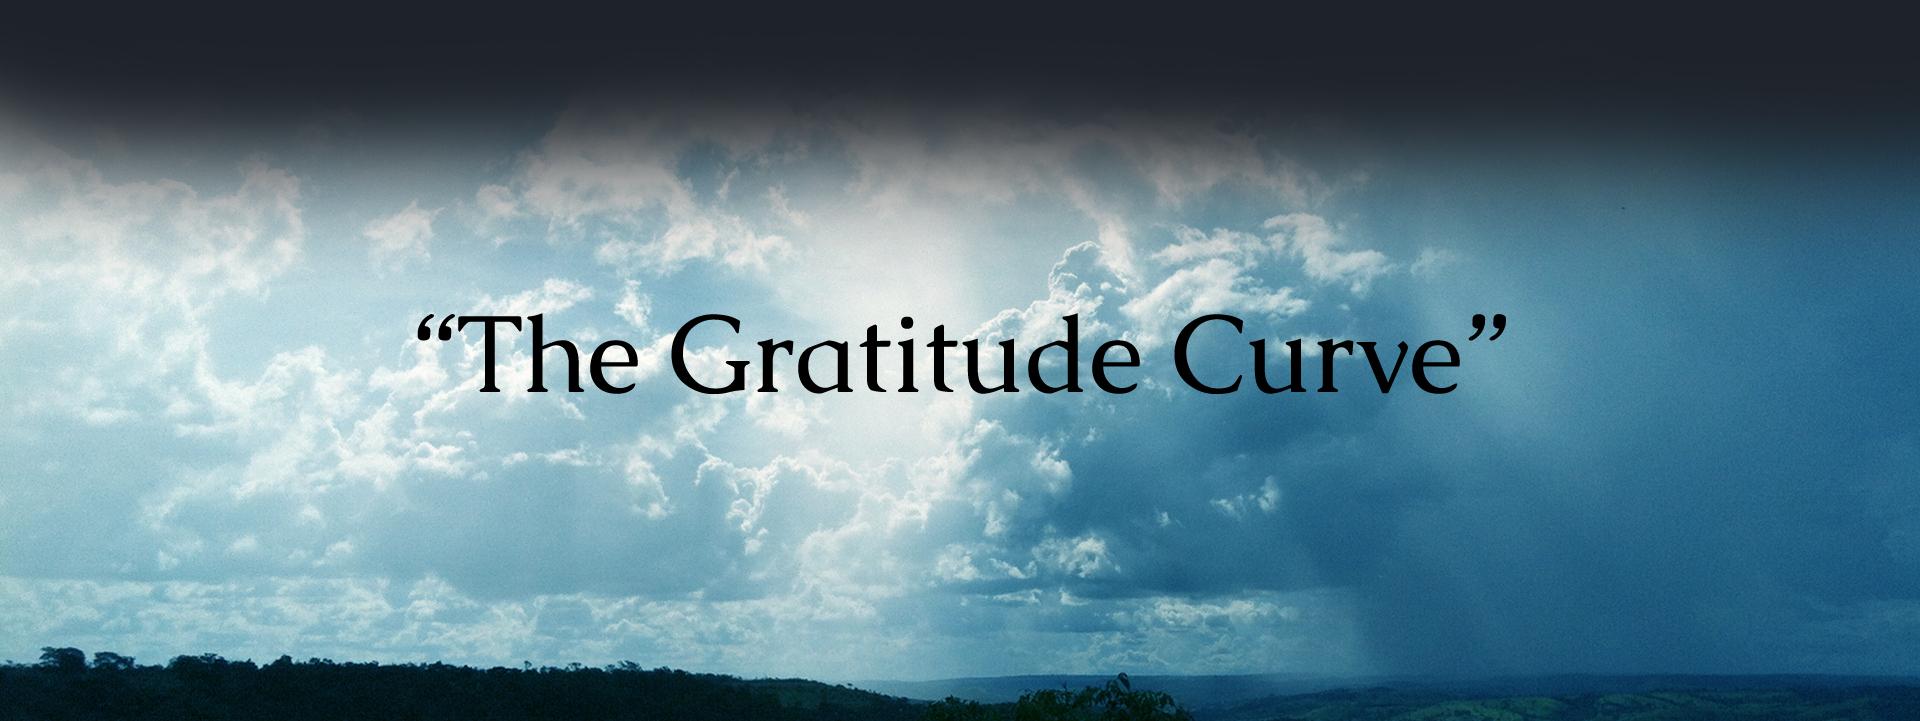 The Gratitude Curve